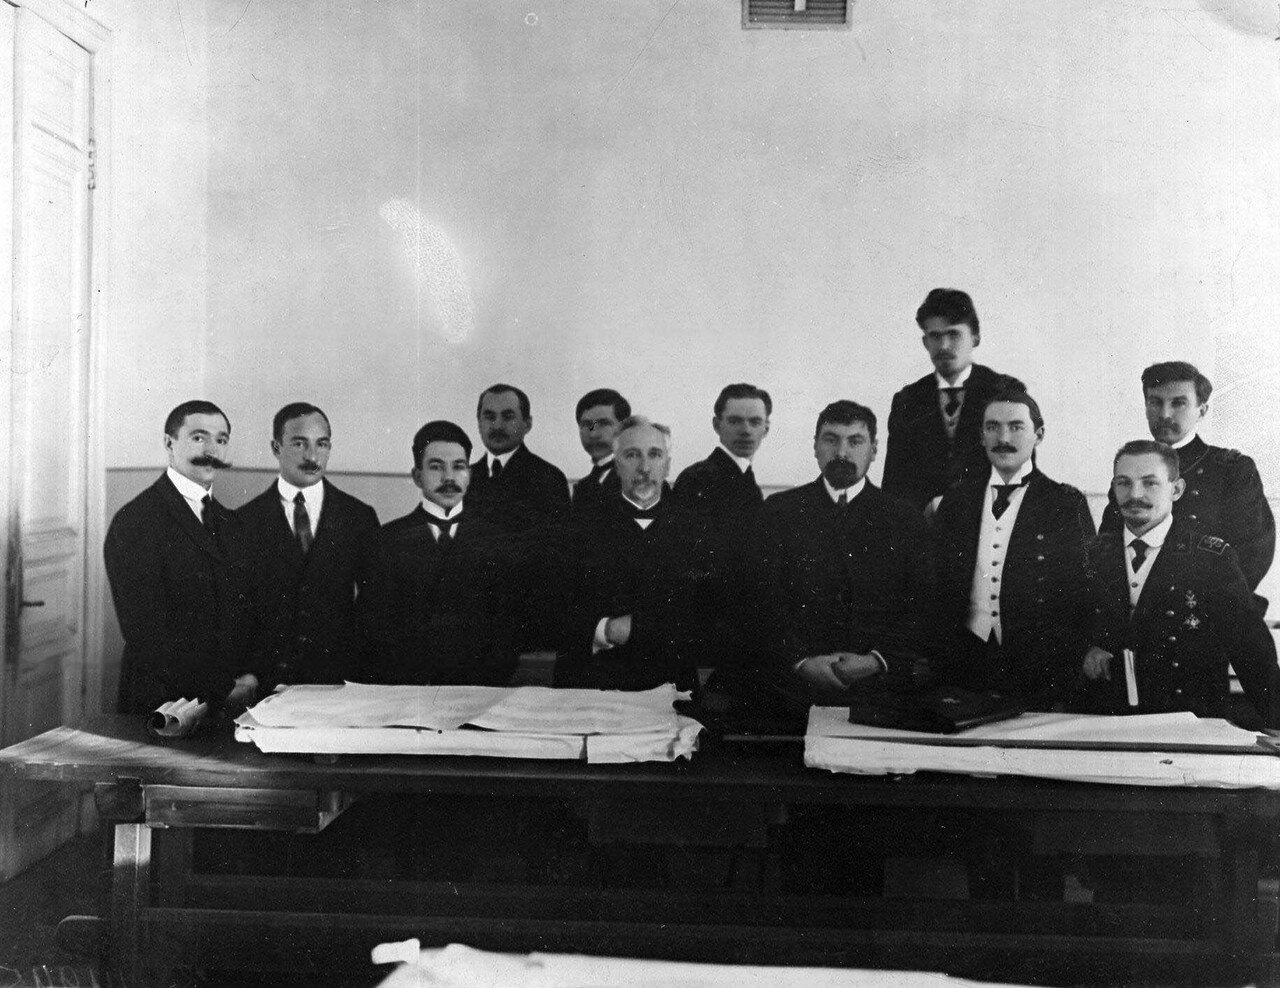 17. Группа студентов-выпускников и профессорско-преподавательского состава после защиты дипломов